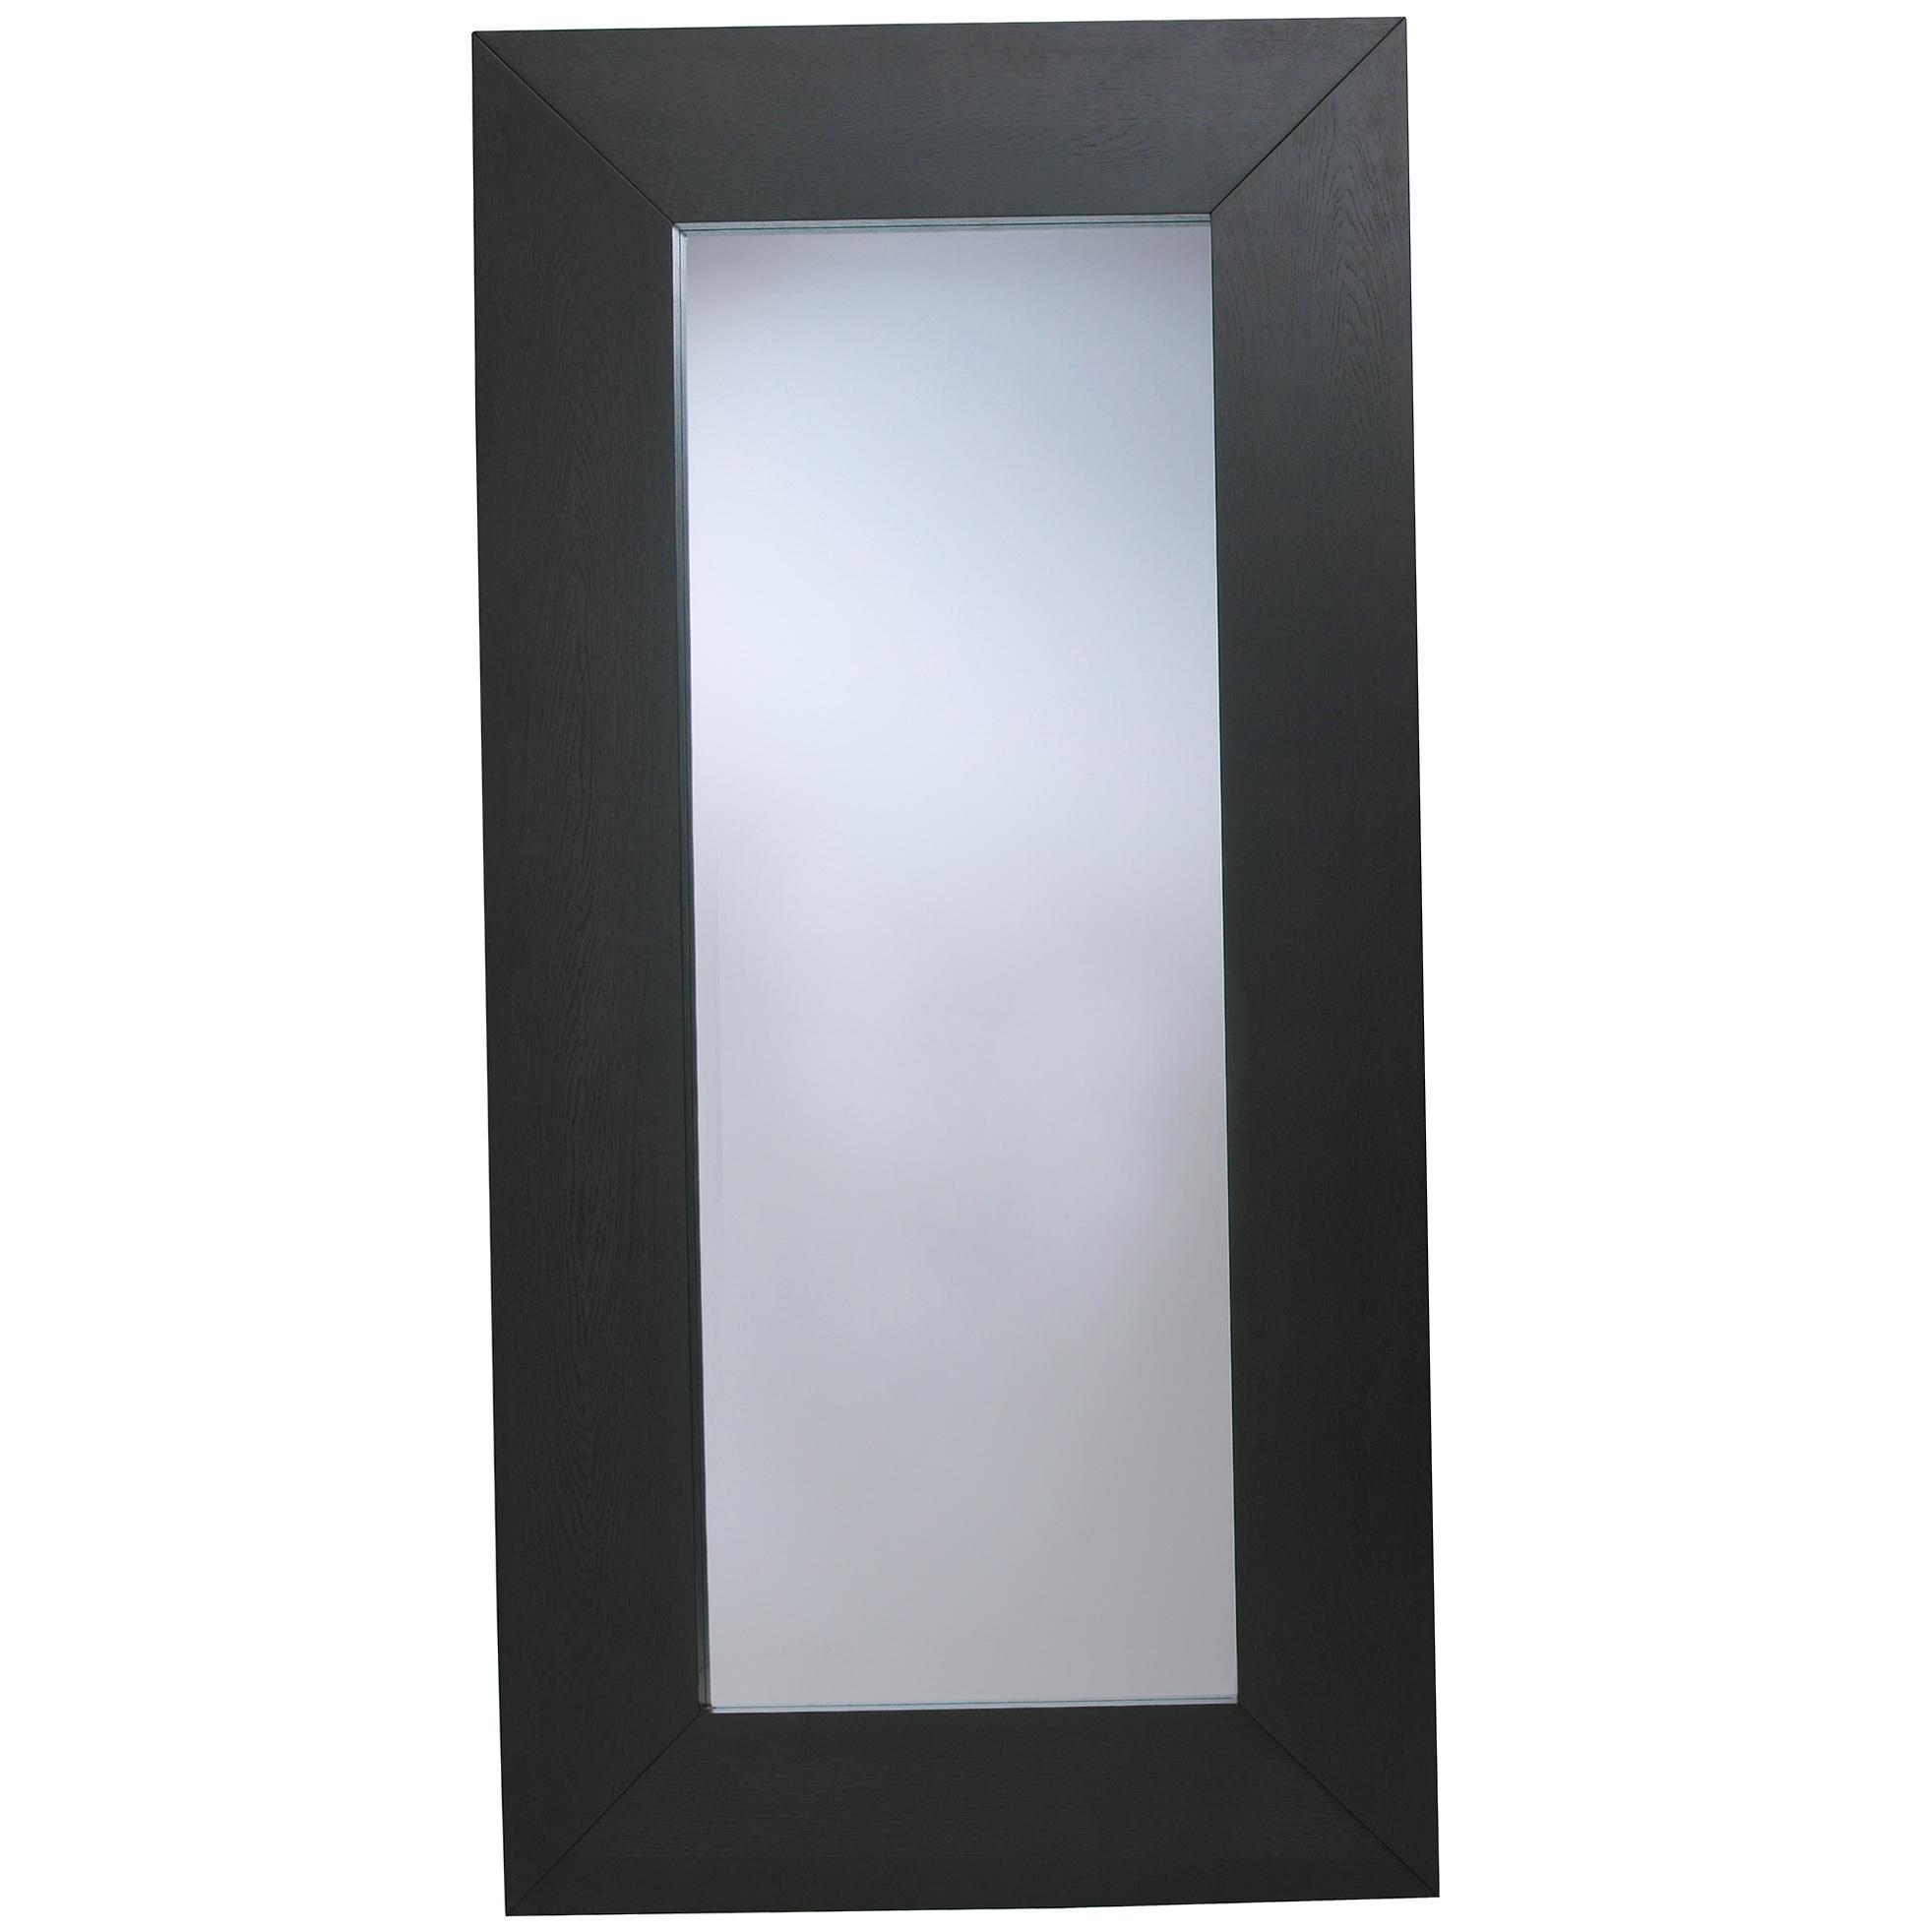 Ikea floor mirror uk